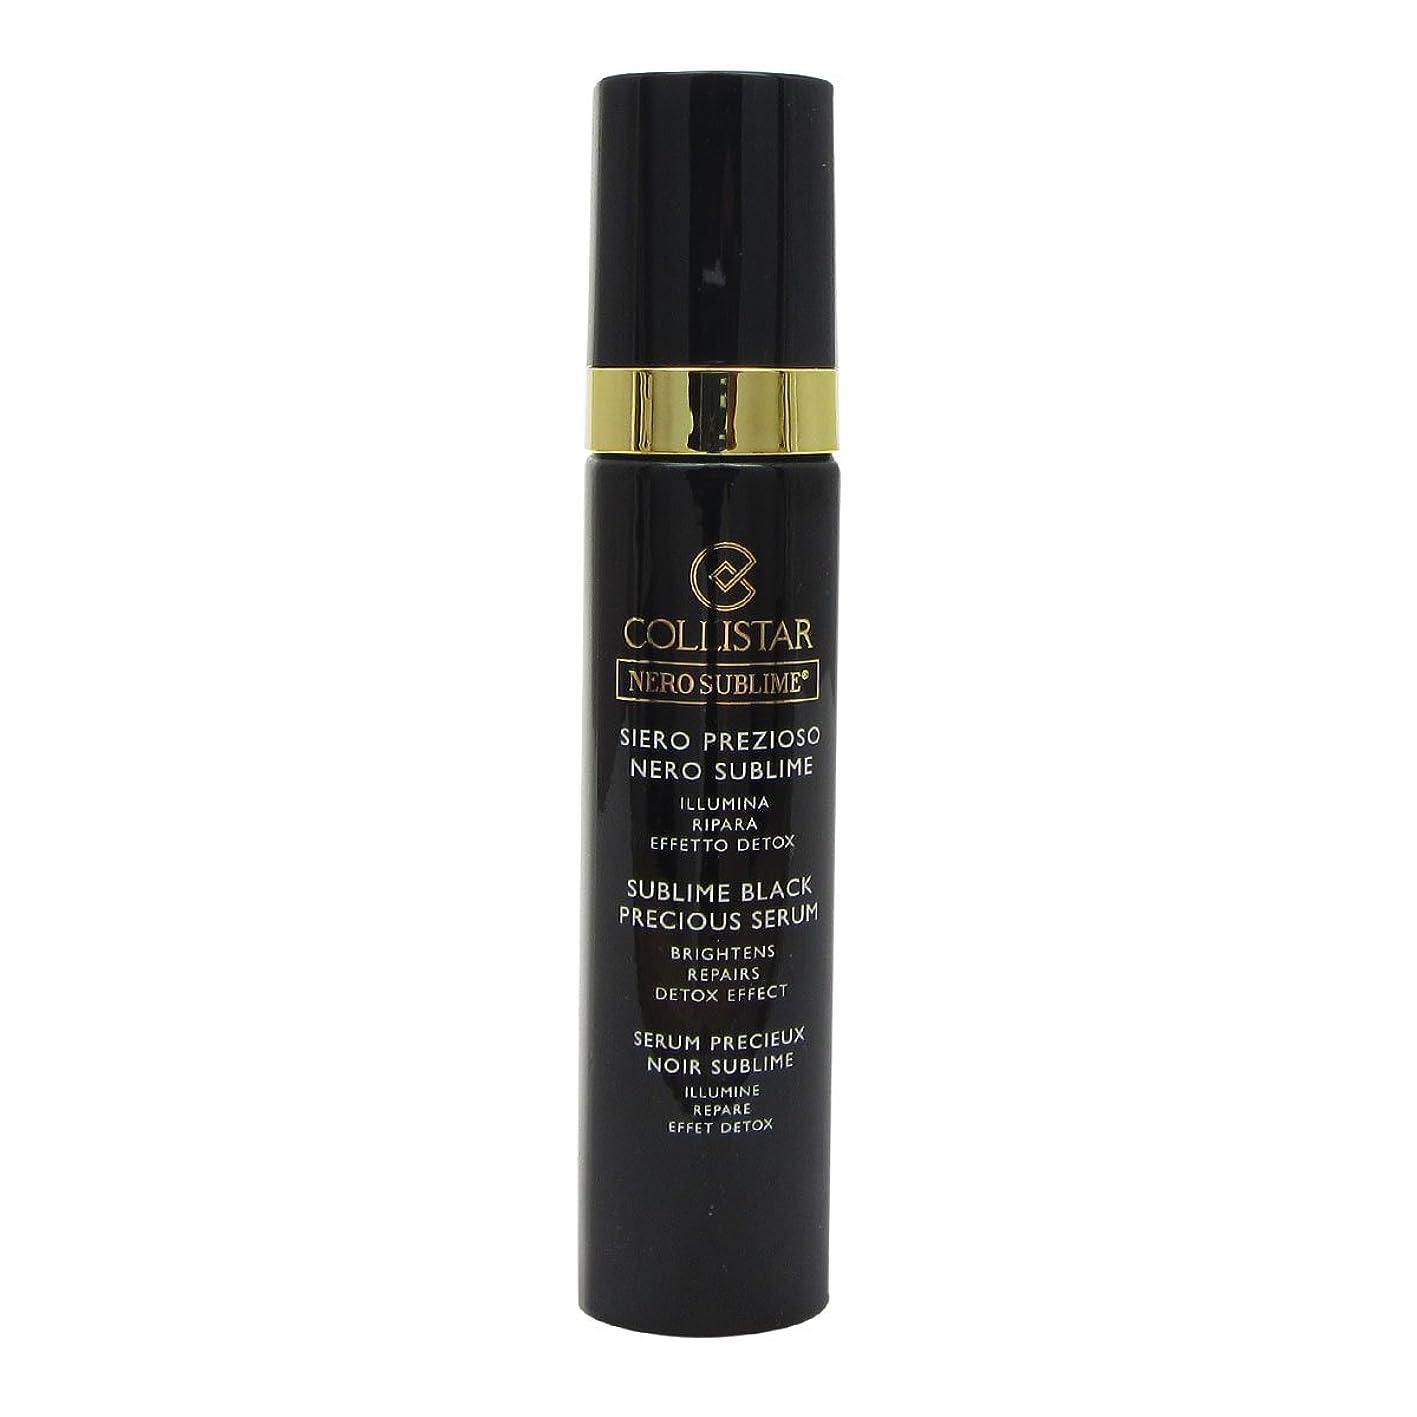 入射部屋を掃除する共感するCollistar Nero Sublime Sublime Black Precious Serum 30ml [並行輸入品]